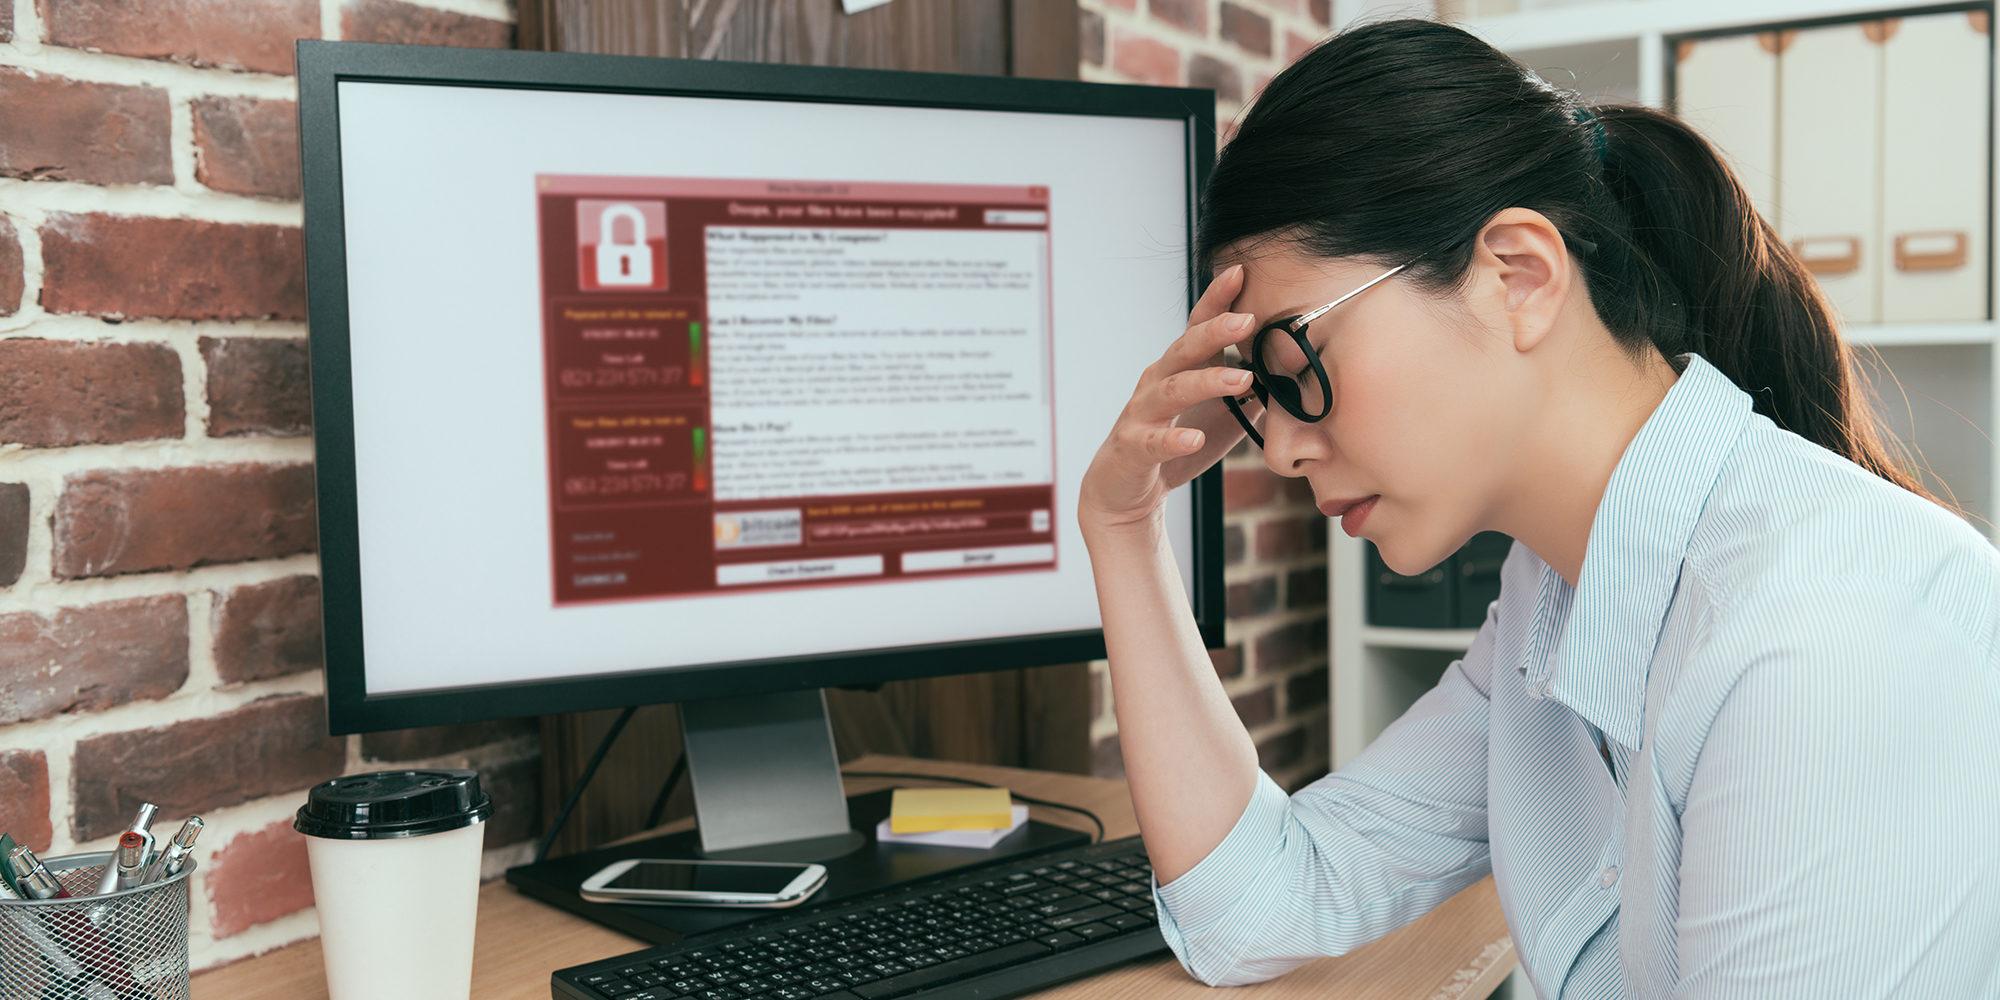 Vrouw die met de handen in de haren zit en merkt dat haar computer gehackt is.